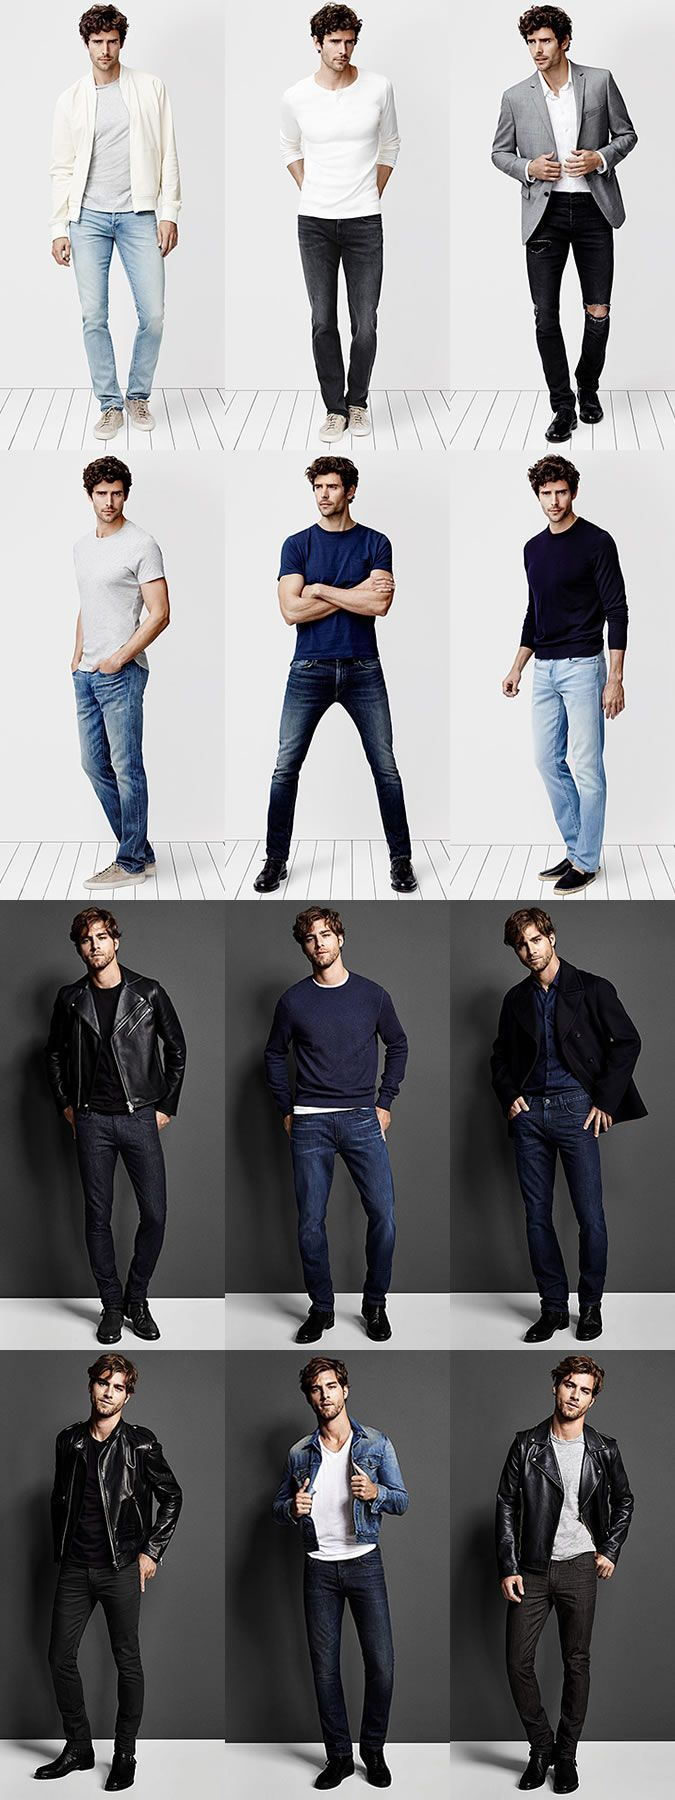 Die schwedische Jeansmarke Nudie Jeans hat hochwertige Jeans-Klassiker als Unisex-Modell zu bieten. Sie sehen Jeans als einen lebenslangen Begleiter, der sich immer mehr an einen selbst anpasst und wie zu einer zweiten Haut werden kann. Je länger du deine Jeans also trägst, desto mehr Passgenauigkeit, Charakter und Attitüde erhält sie! – A.RAJESH KUMAR